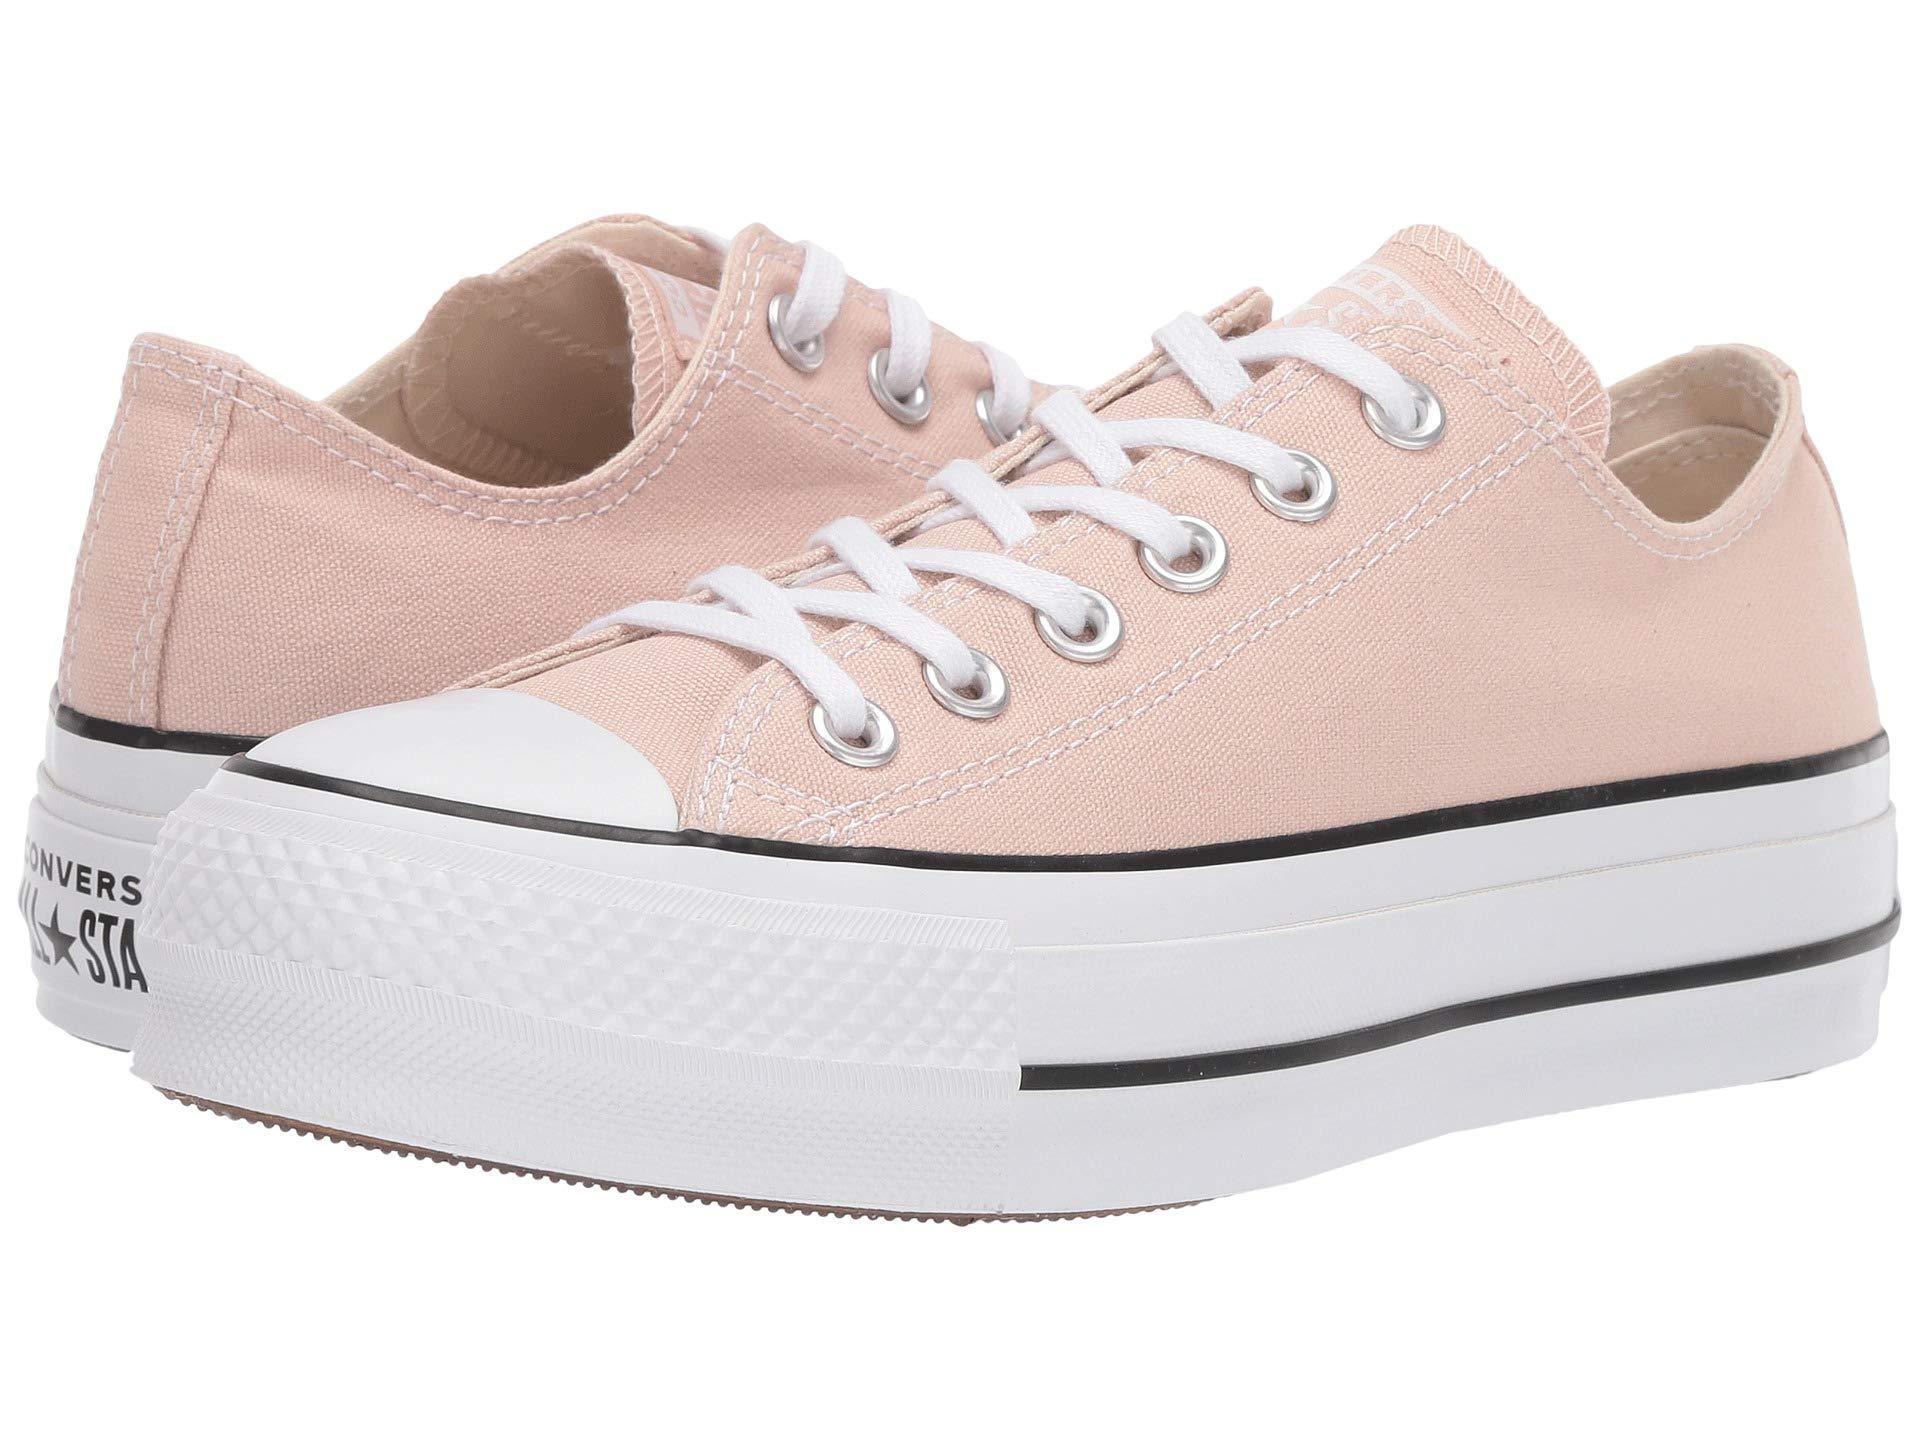 peach colored converse